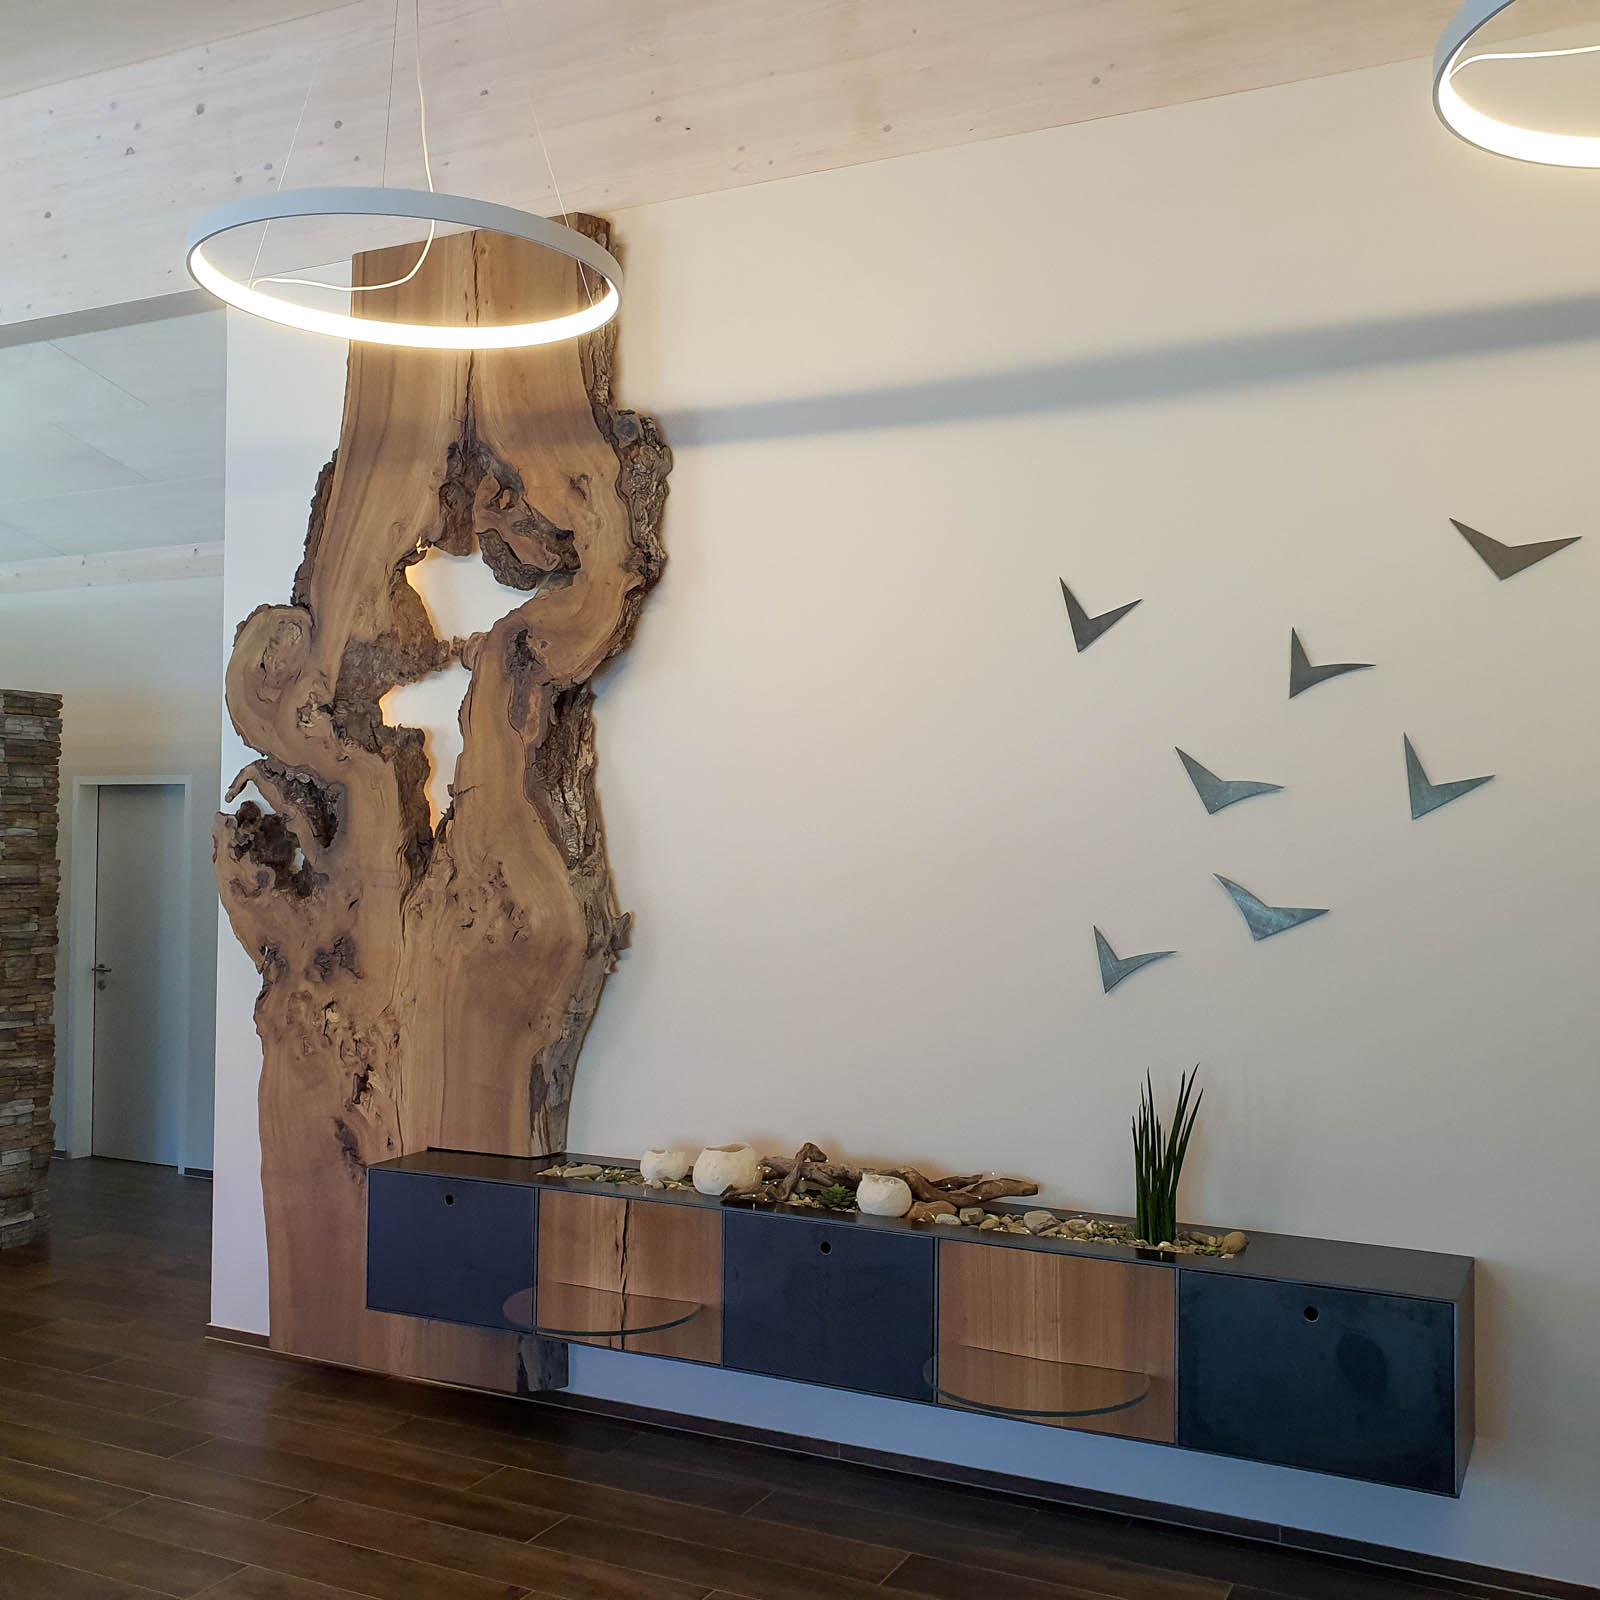 Wooddesign_Wohnzimmermöbel_Design_Holzbild_Ulme_Schwarzstahl_Raumhoch_Pflanzentopf (6)